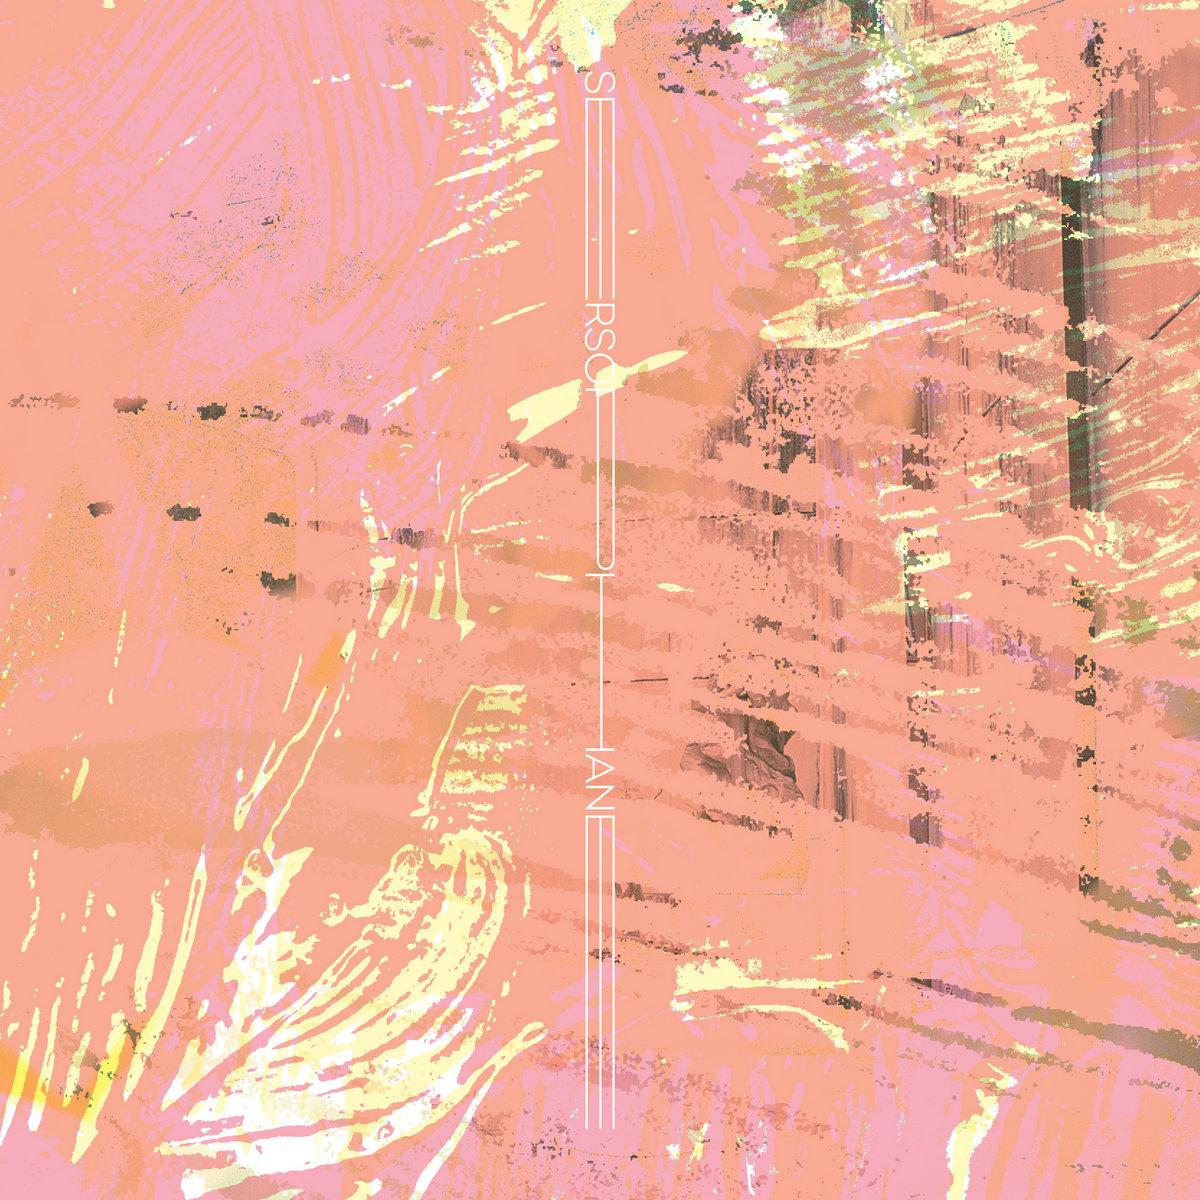 Bildresultat för Sersophane